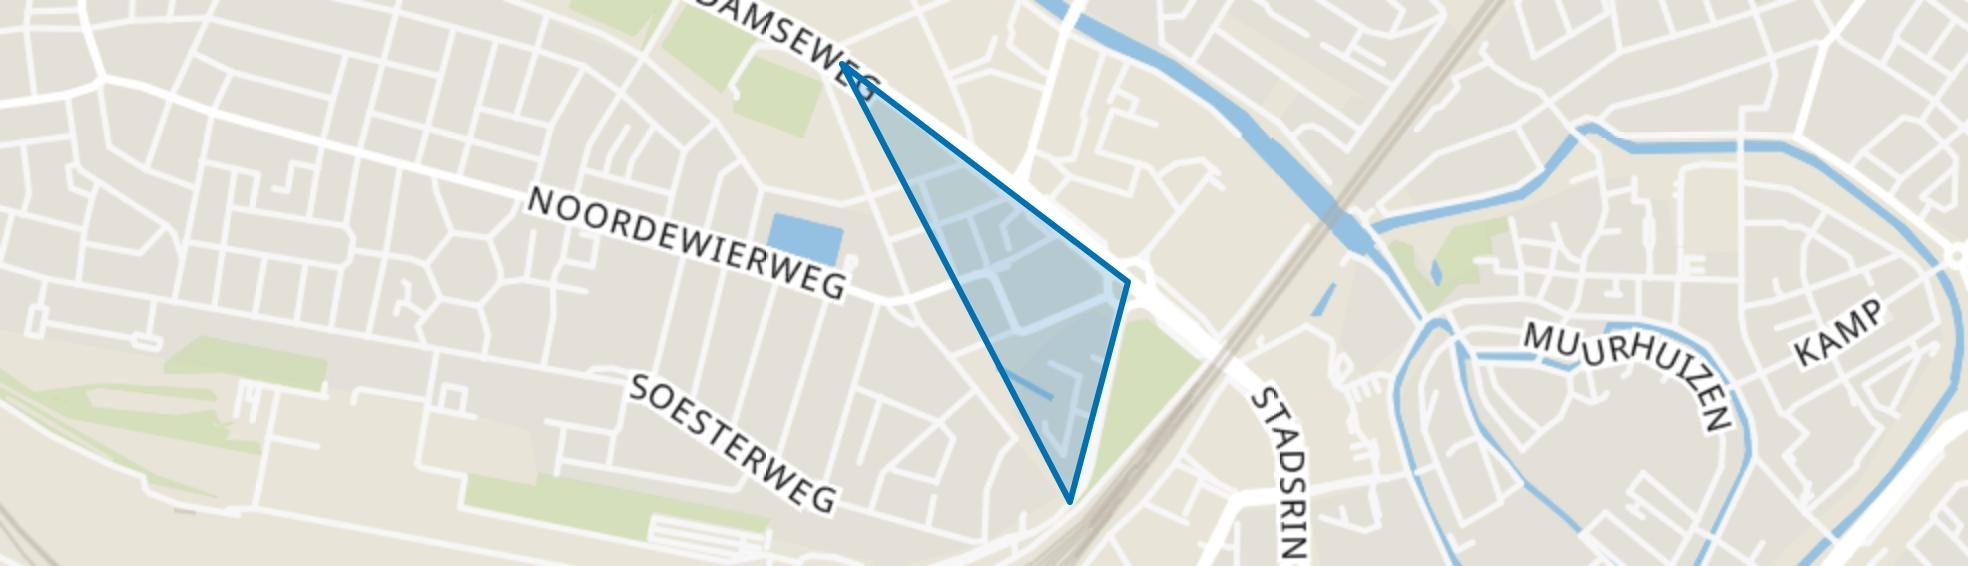 Puntenburg, Amersfoort map